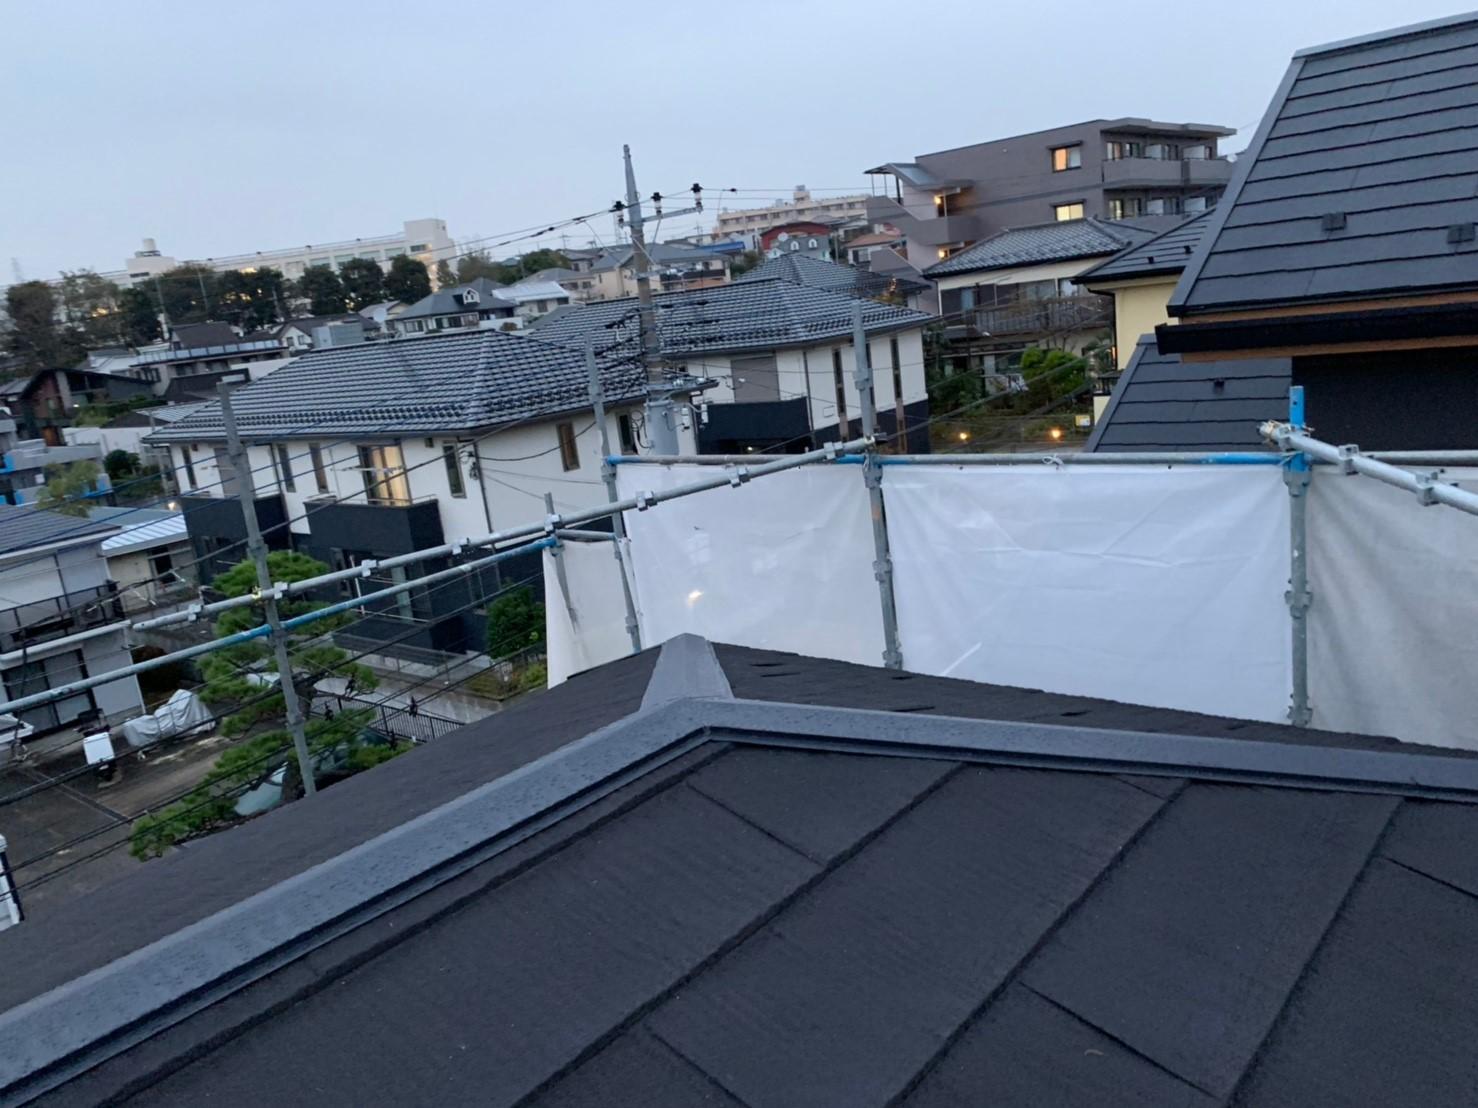 屋根葺き替え工事、外壁塗装工事、雨樋交換工事【142】横浜市青葉区H様